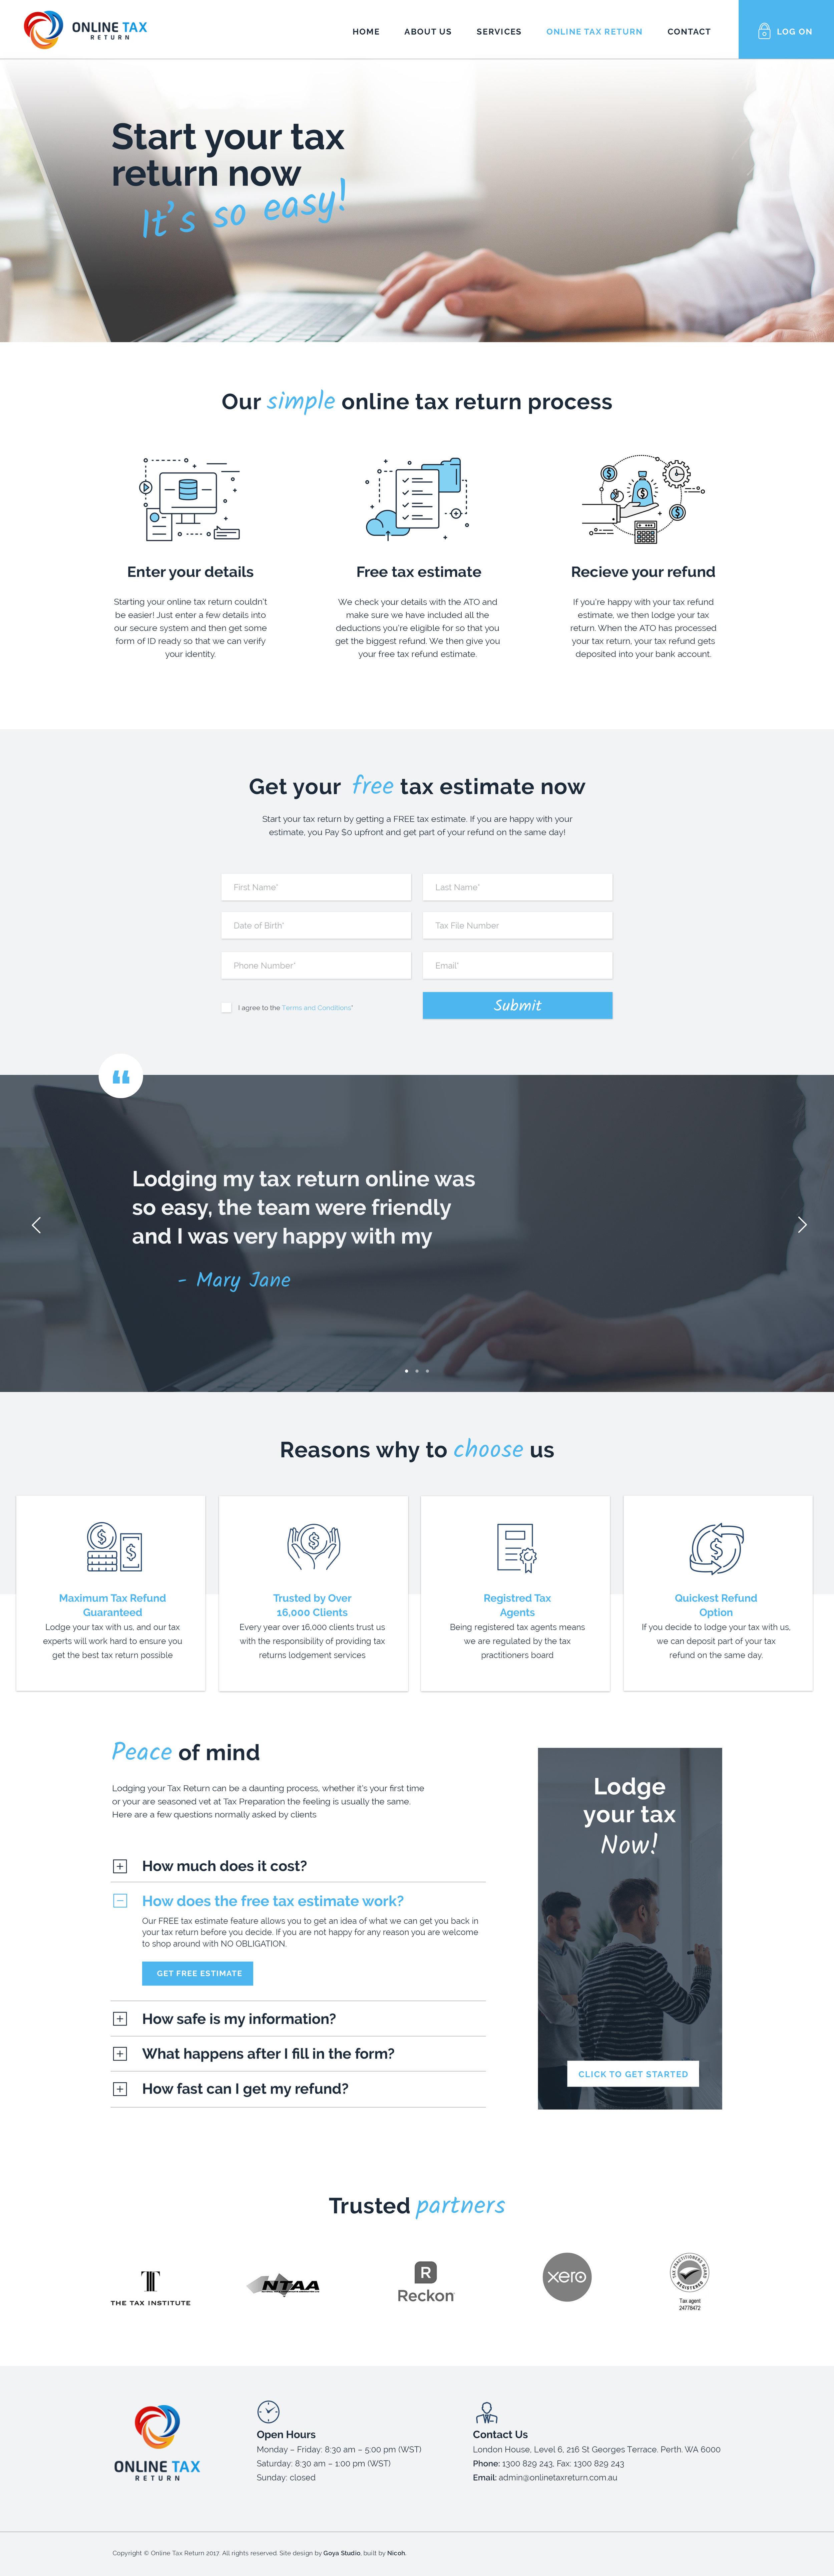 NICO001 Online Tax Return Website - Landing Page.jpg